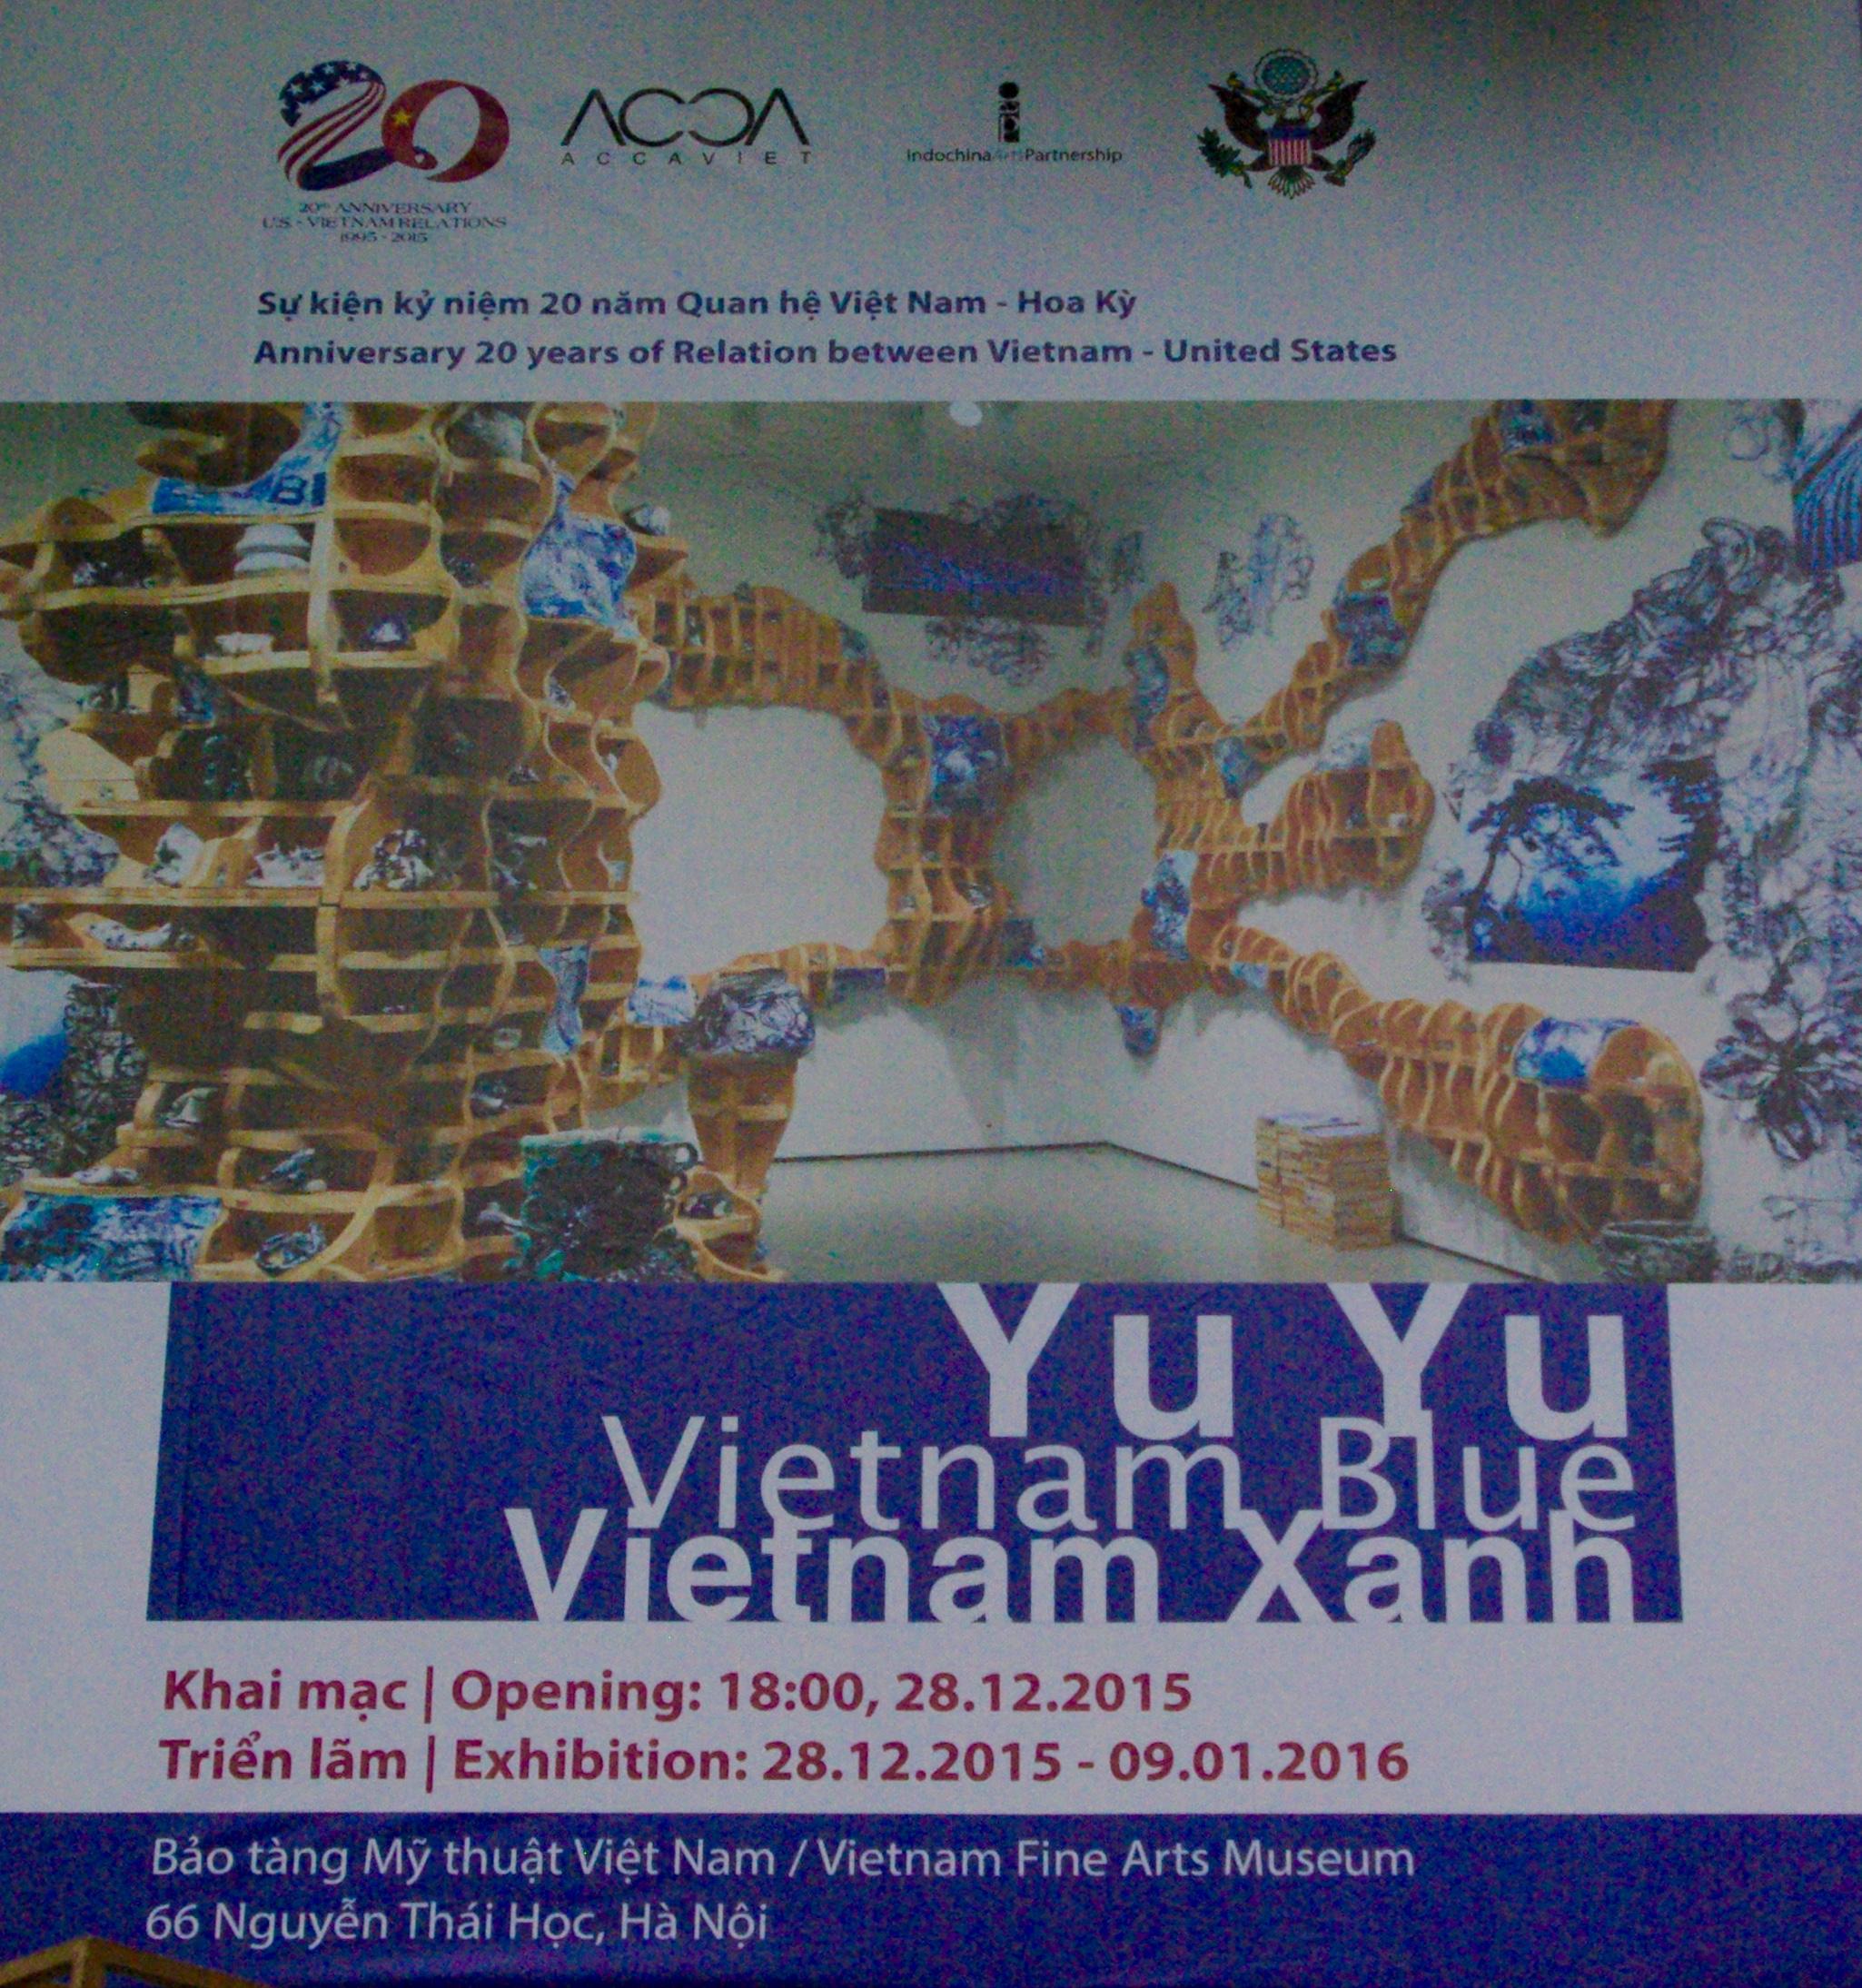 Yu Yu Vietnam Blue, National Museum in Hanoi, 2015